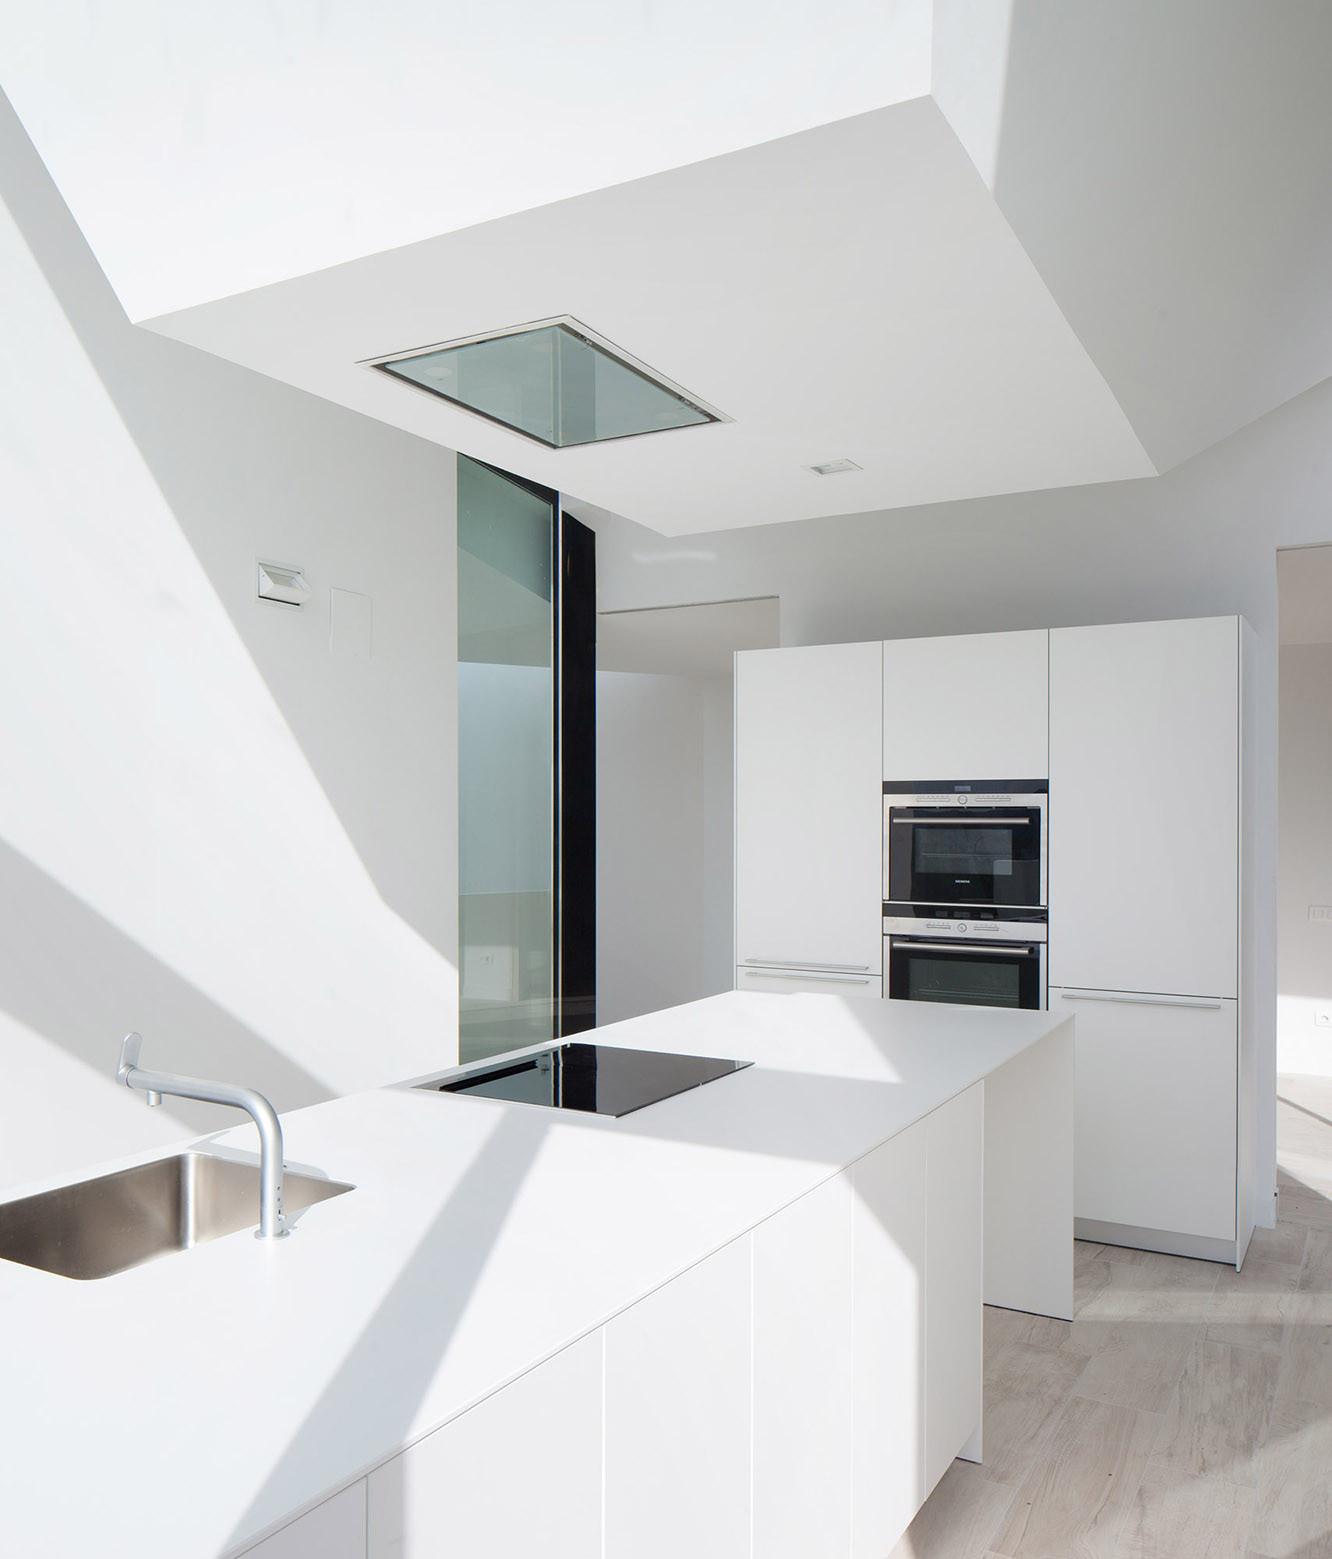 732 - Diseño tentacular y luminoso ambiente minimalista en Castellcir, Barcelona